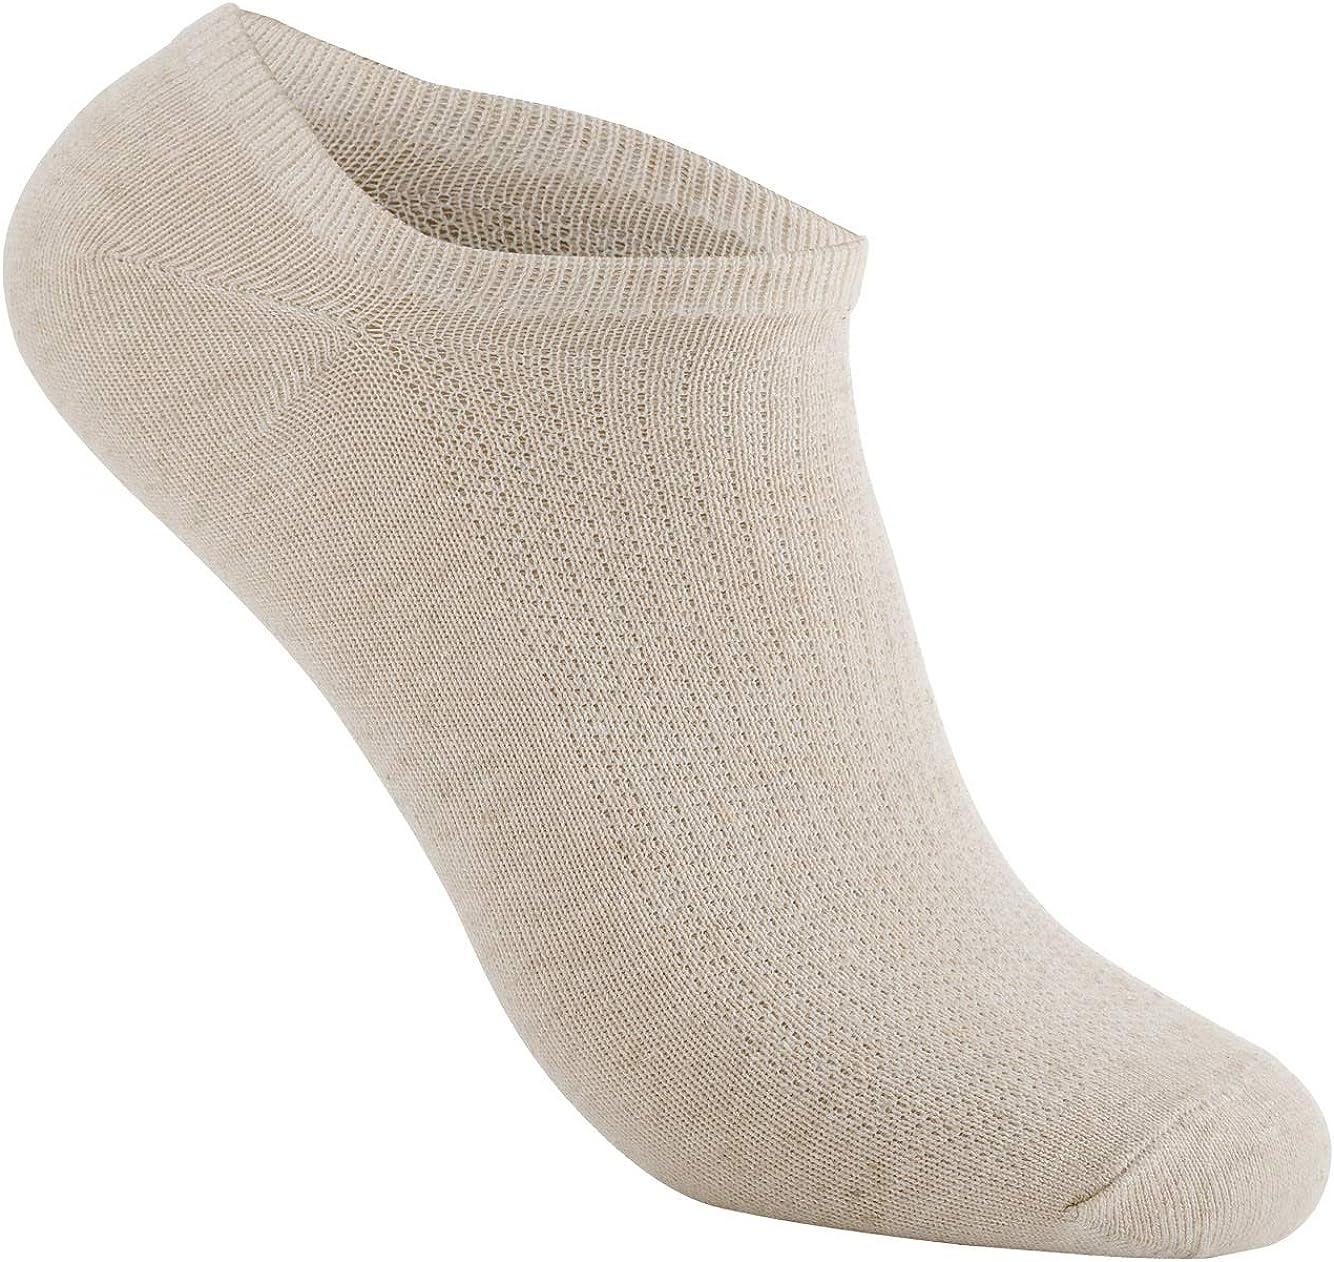 Hemp Socks for Men & Women – Athletic Comfort Low Cut Ankle Socks (Pack of 2 Unisex)